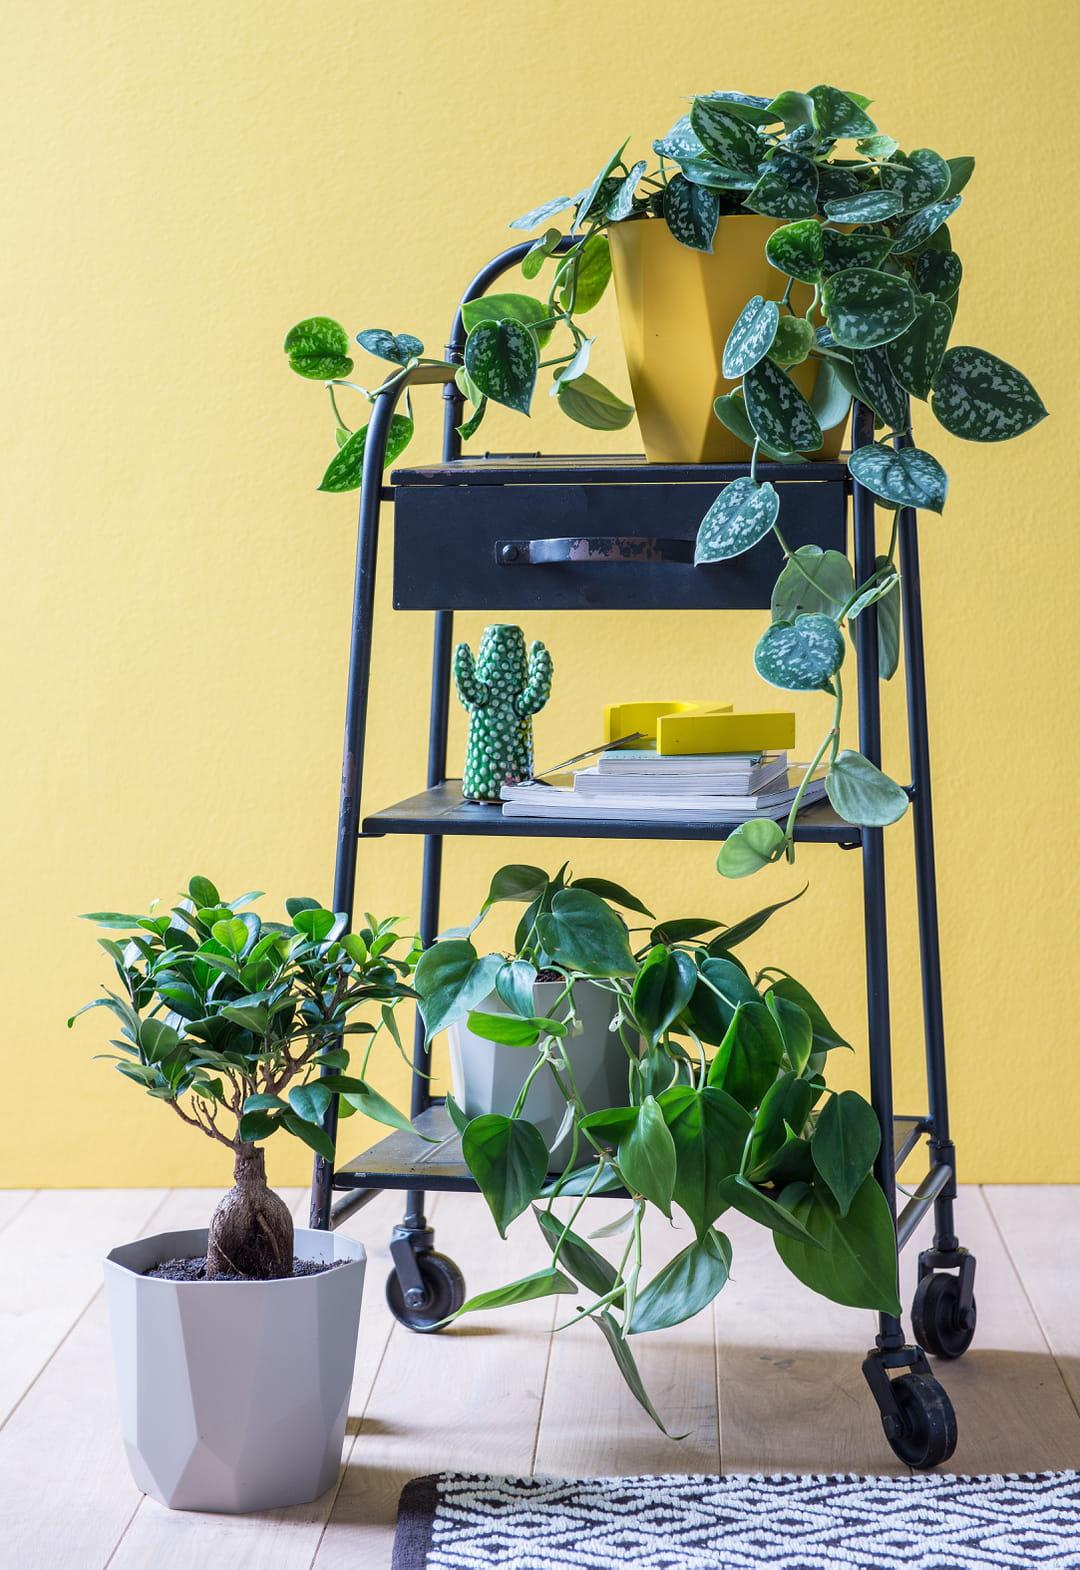 Quelle Plante Mettre Dans Un Grand Pot Exterieur ces plantes d'intérieur qui sont tendance